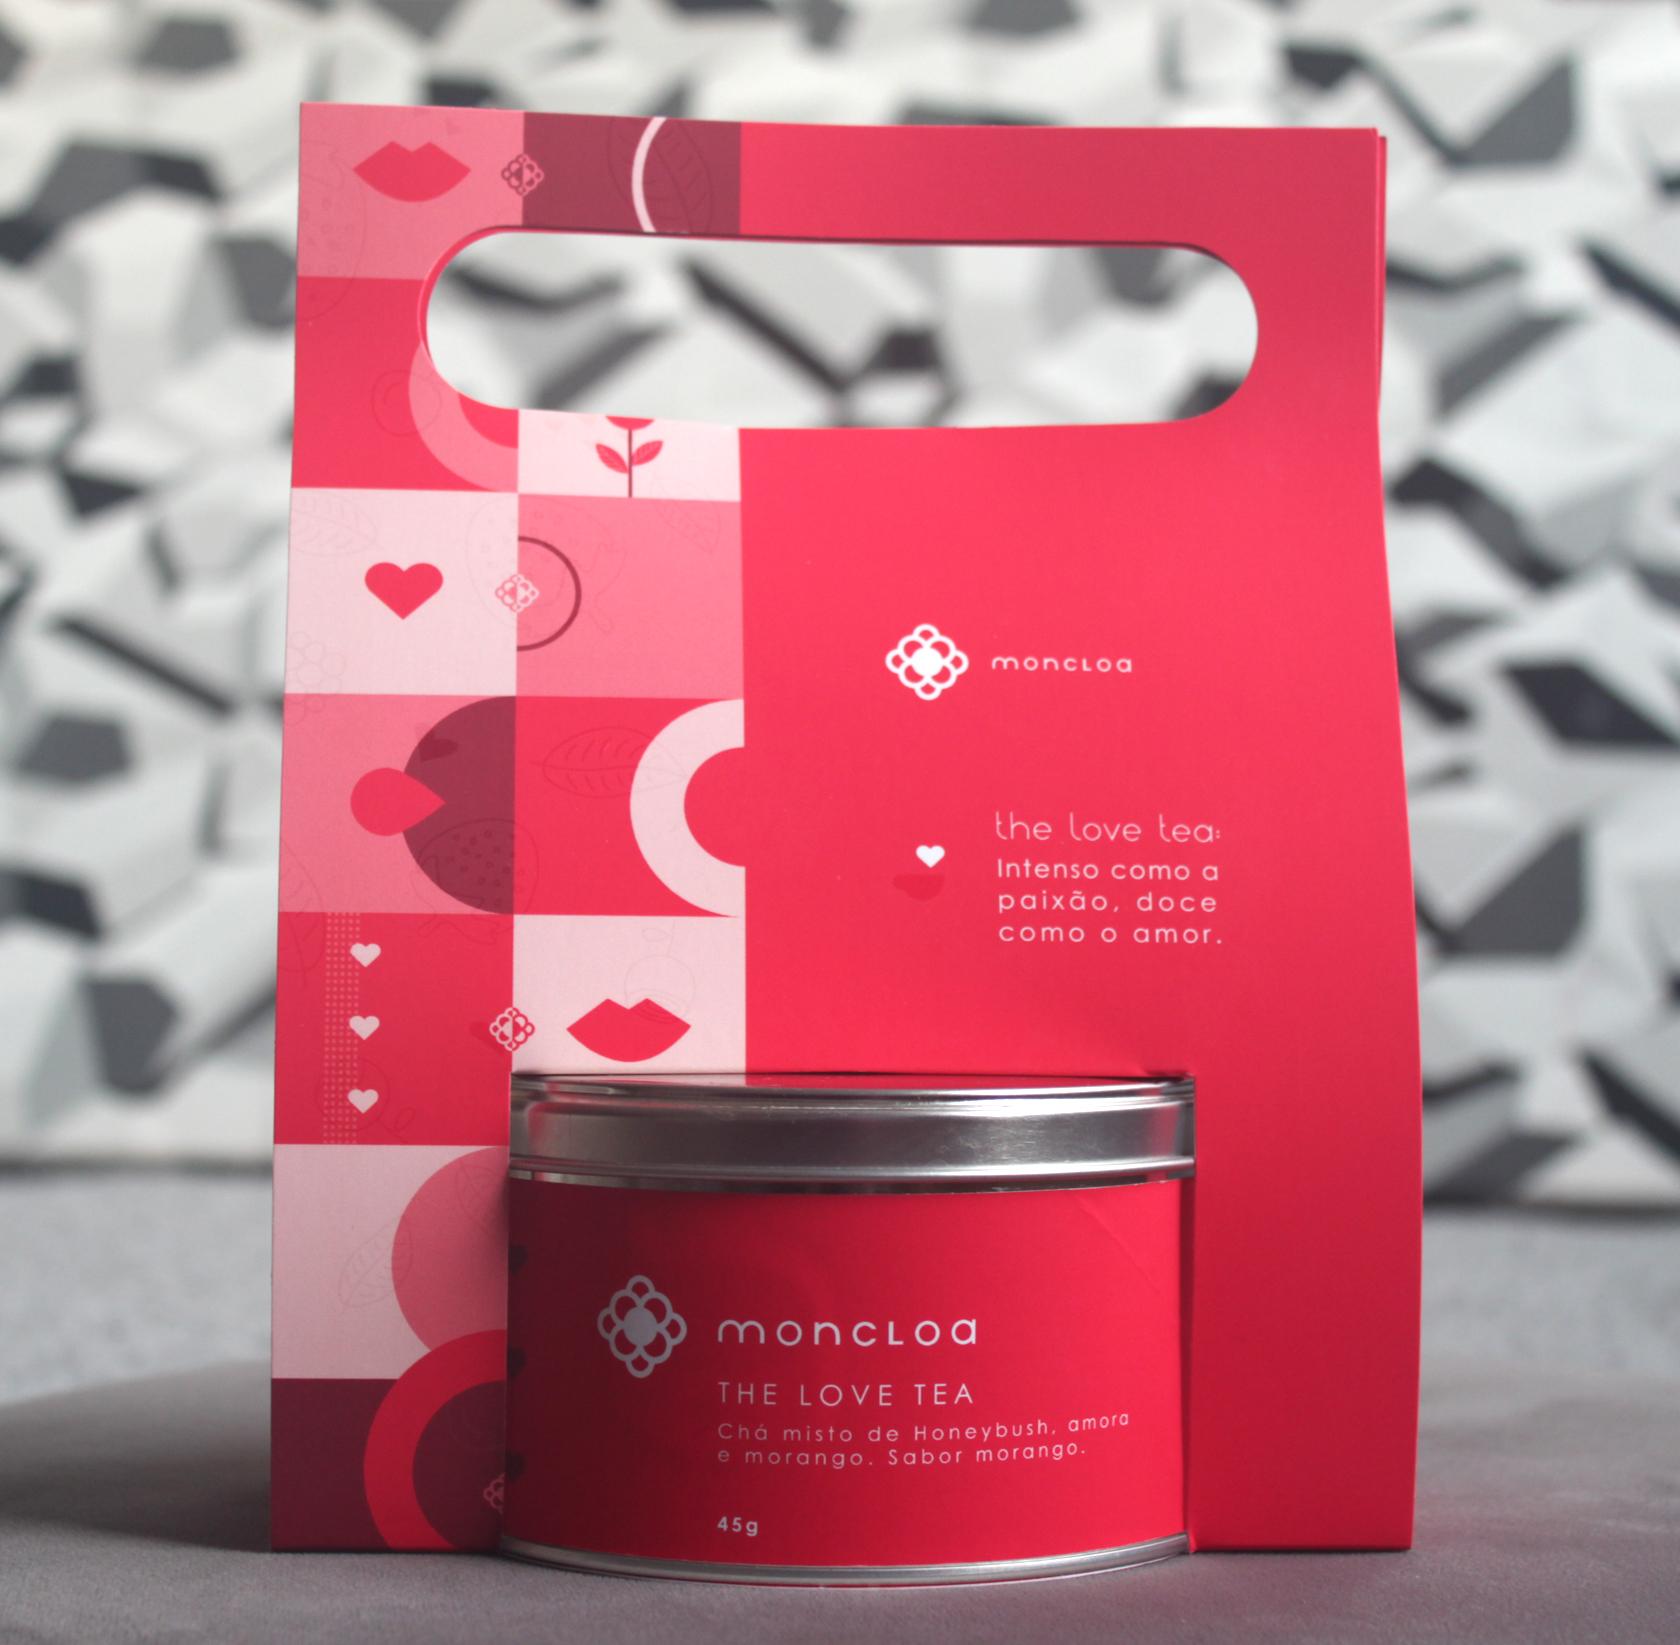 embalagem-curitiba-moncloa-design-1